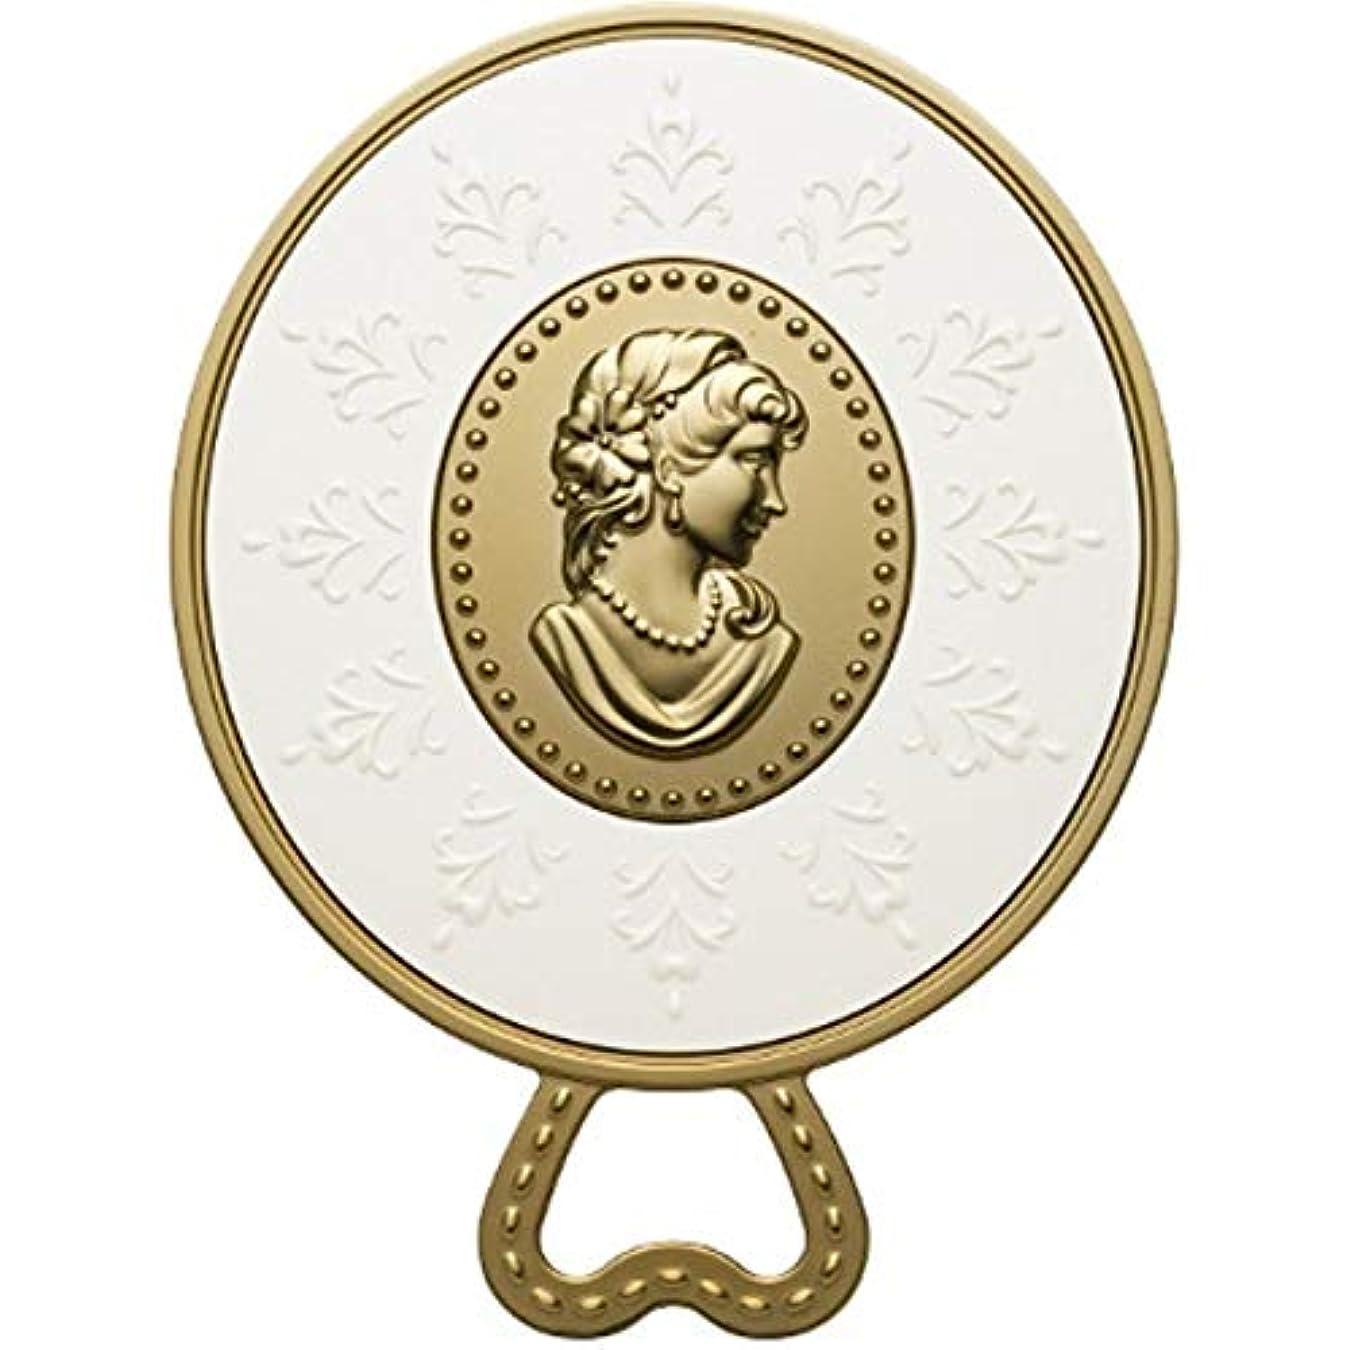 震える反毒カール(レ?メルヴェイユーズ ラデュレ) Les Merveilleuses LADUREE ラデュレ ハンドミラー 鏡 カメオ アンティーク調 ゴールド 金 ブランド